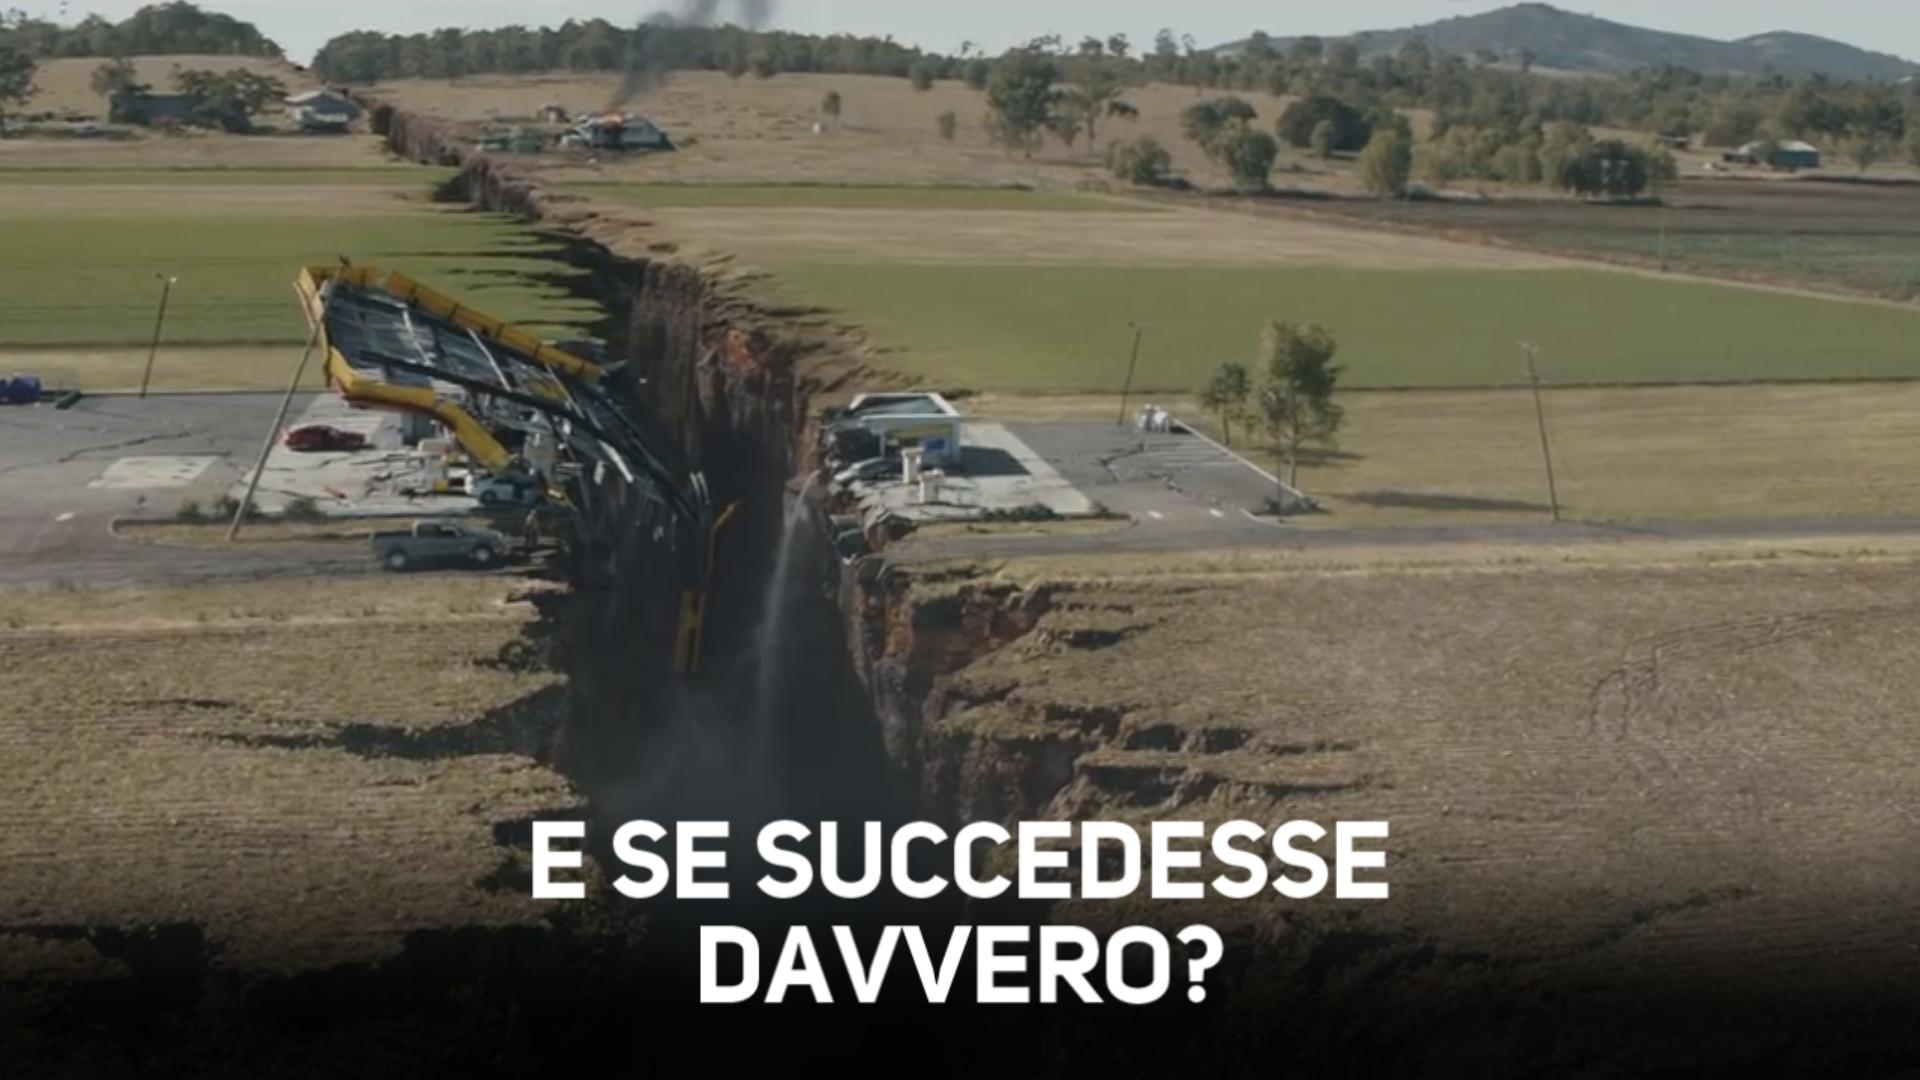 E se un terremoto colpisse Los Angeles?